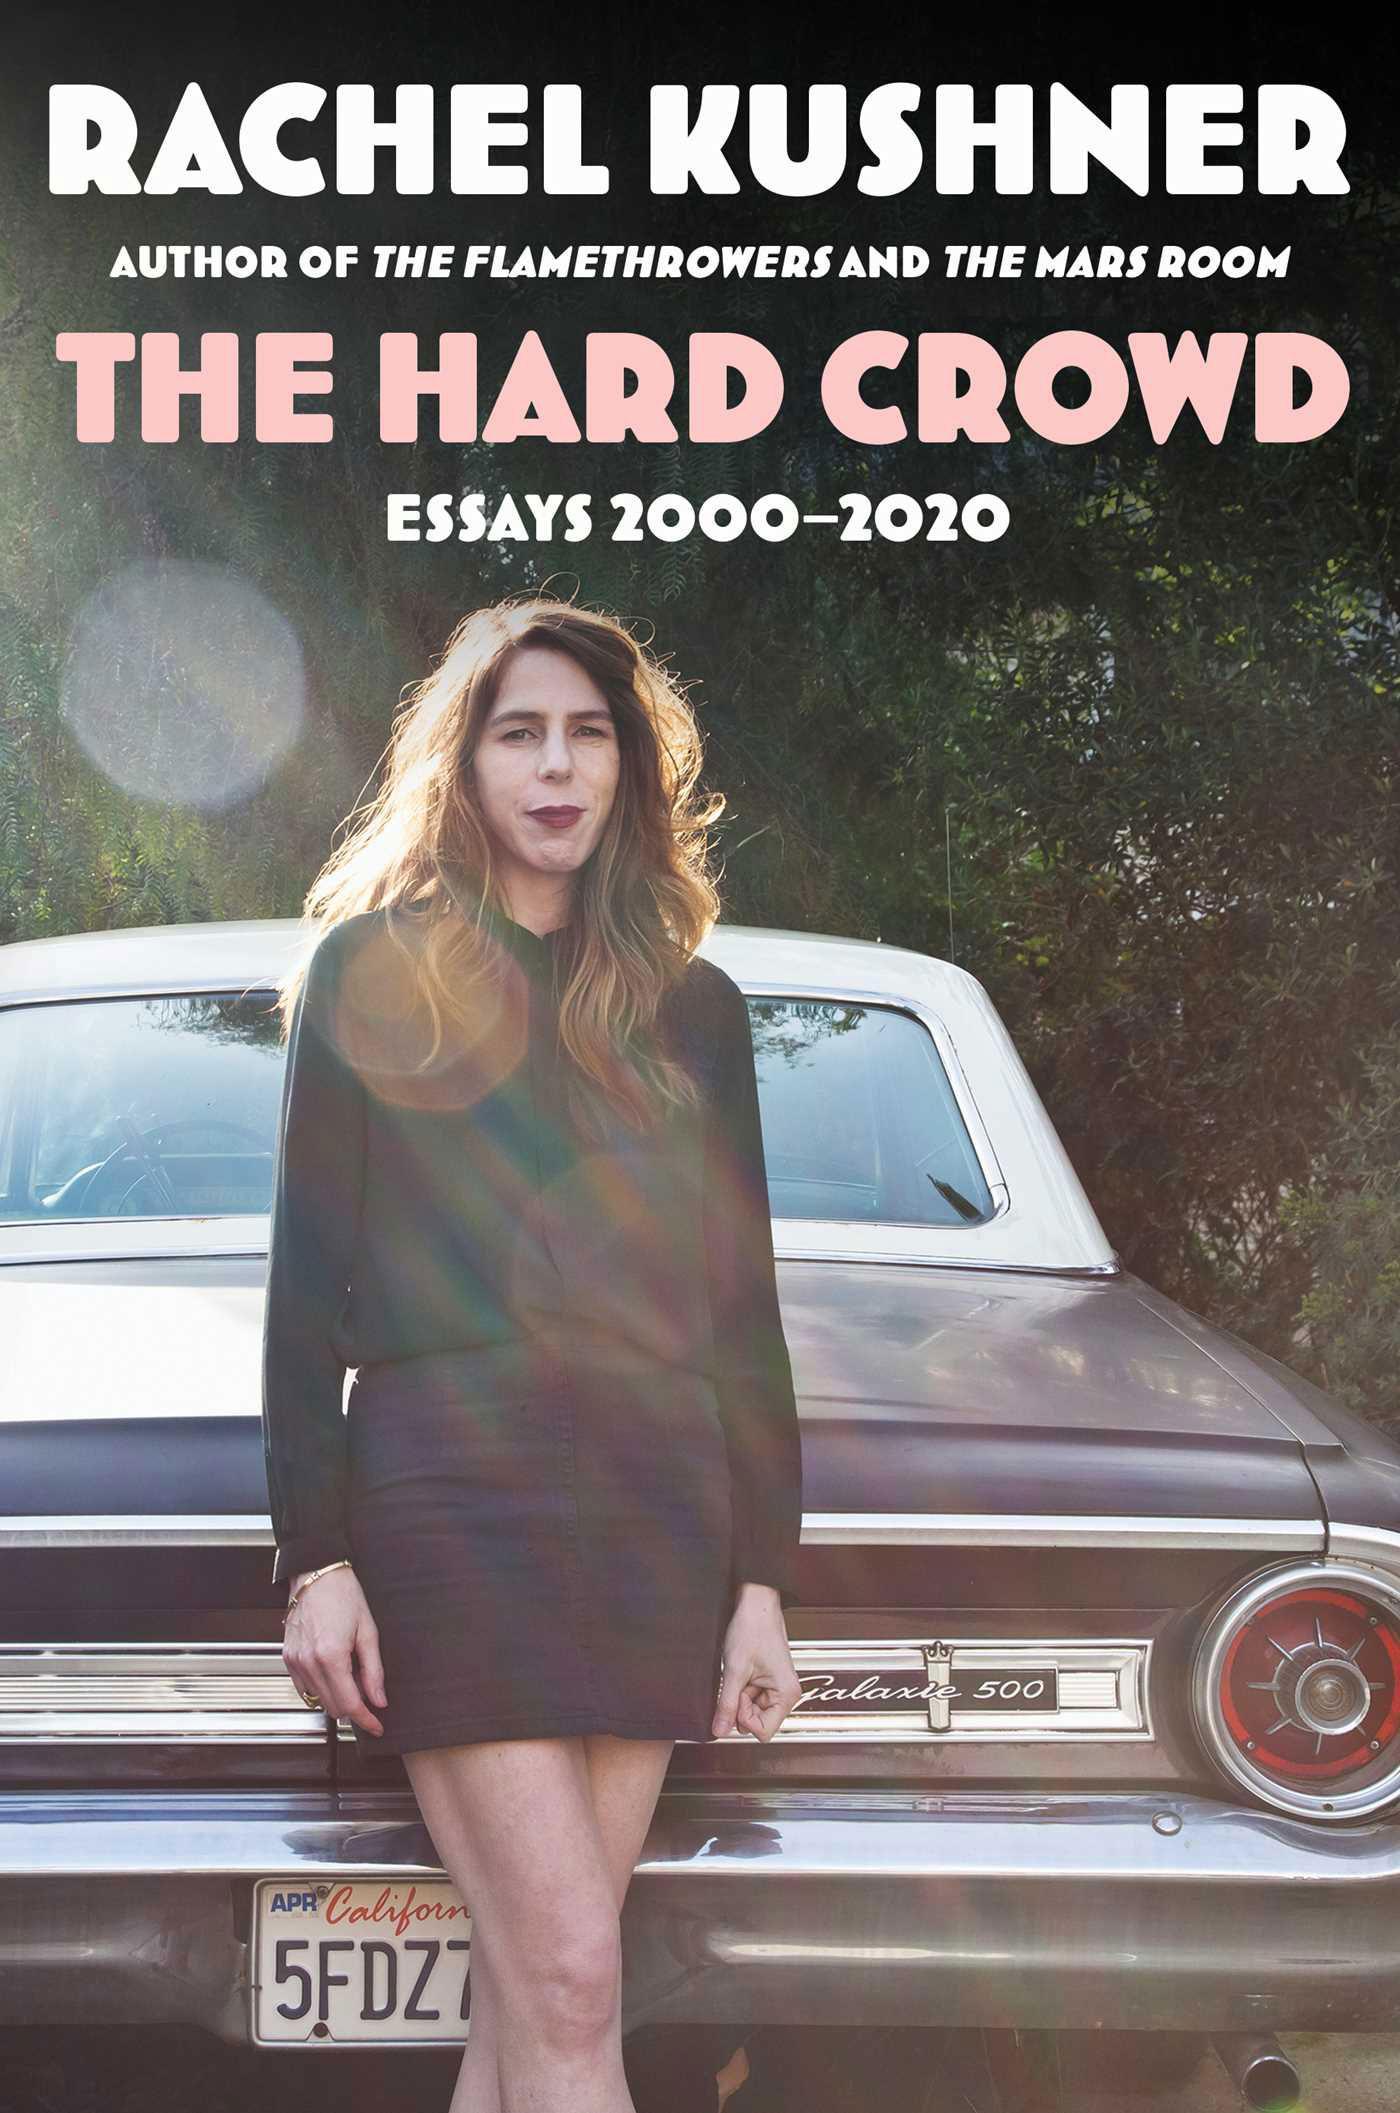 Rachel Kushner, The Hard Crowd, book cover